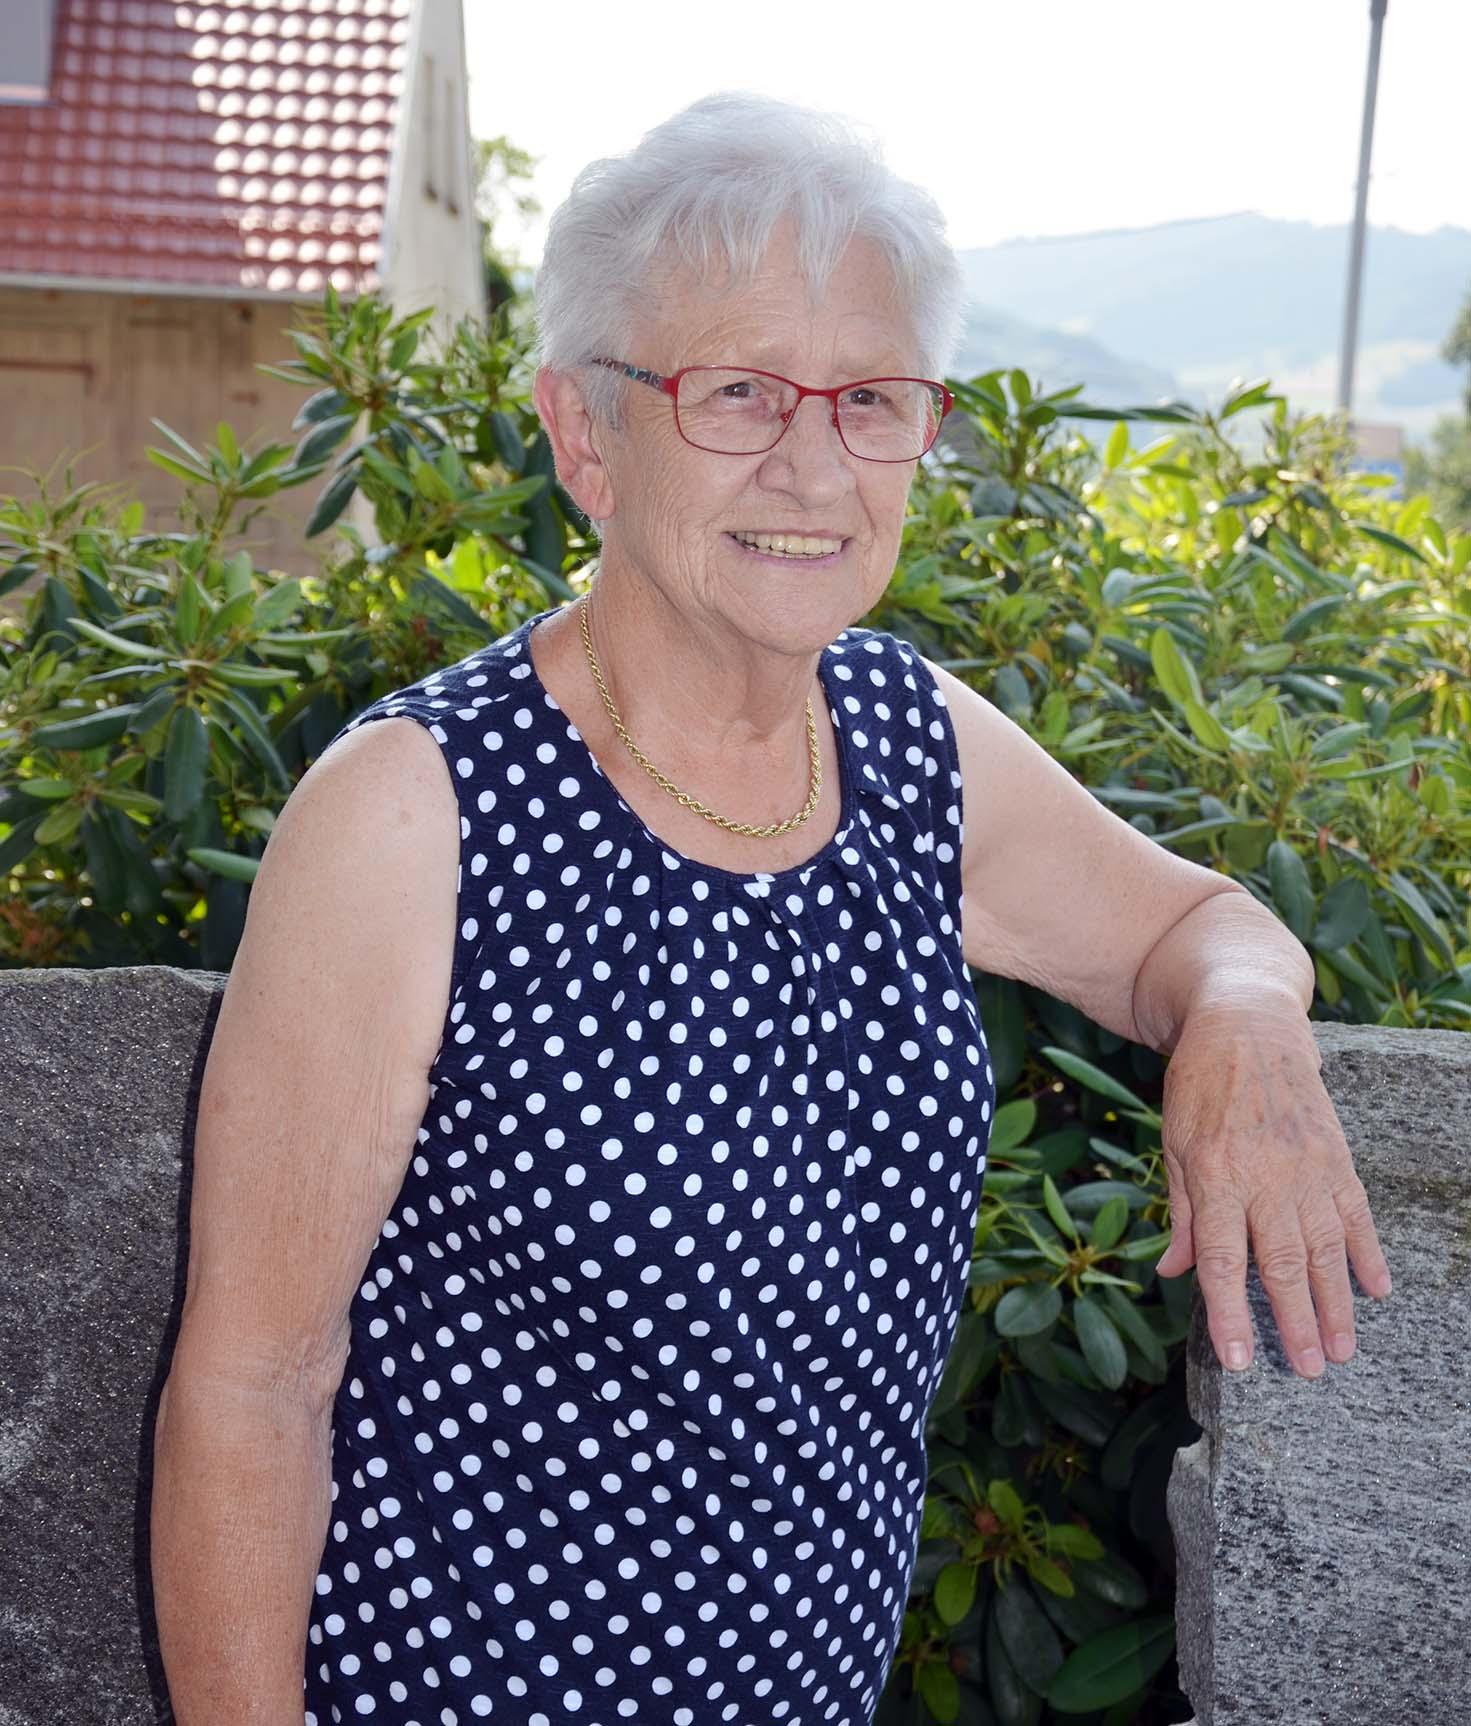 2021-7-23-ZE-UE-hps-Maria Kornmayer 85 Jahre-UTS_1812 2